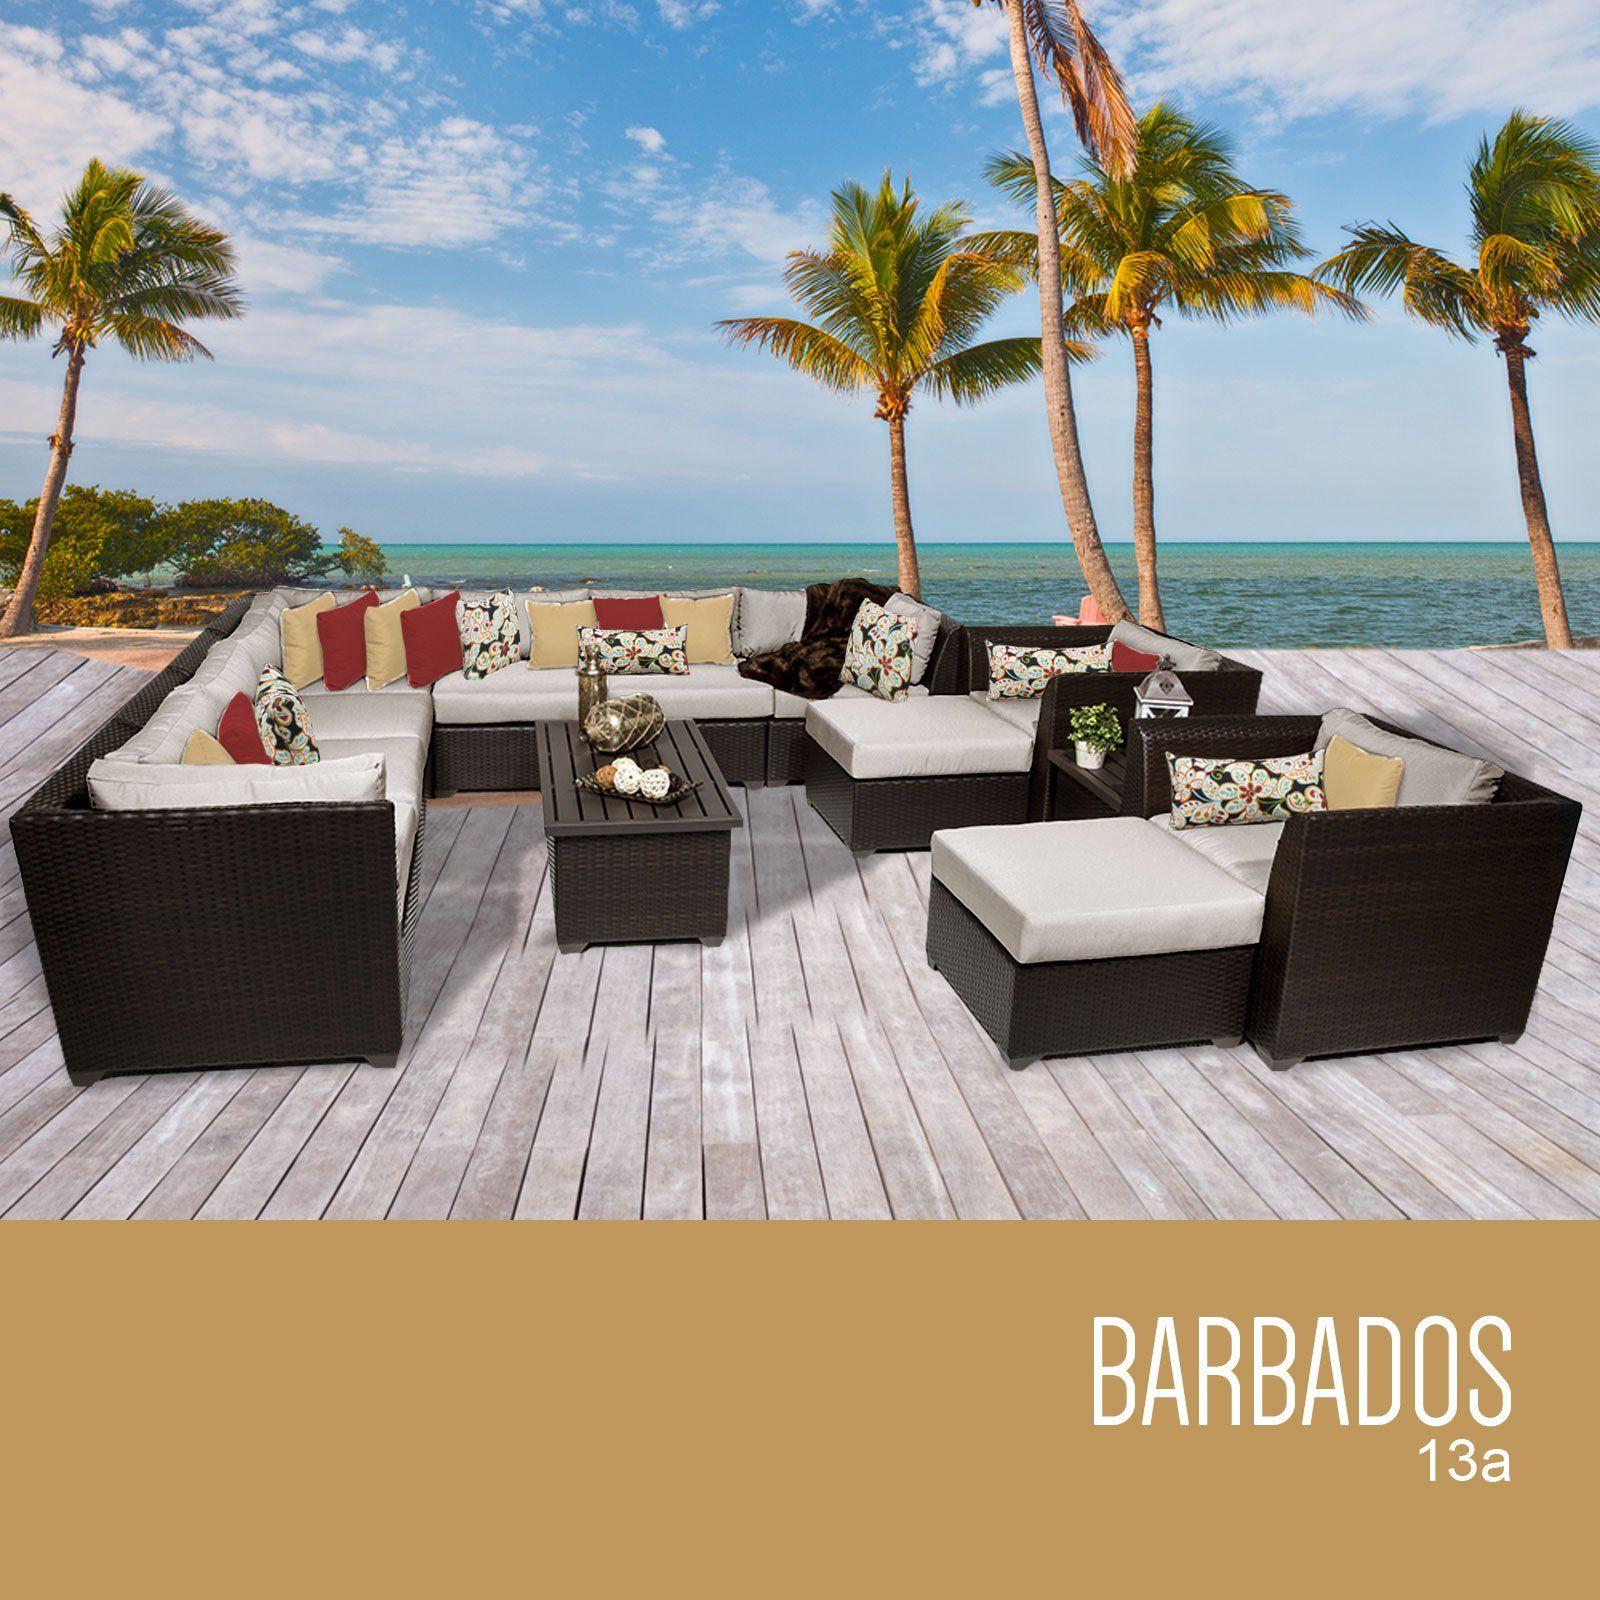 TK Classics 13 Piece Barbados Outdoor Wicker Patio Furniture Set